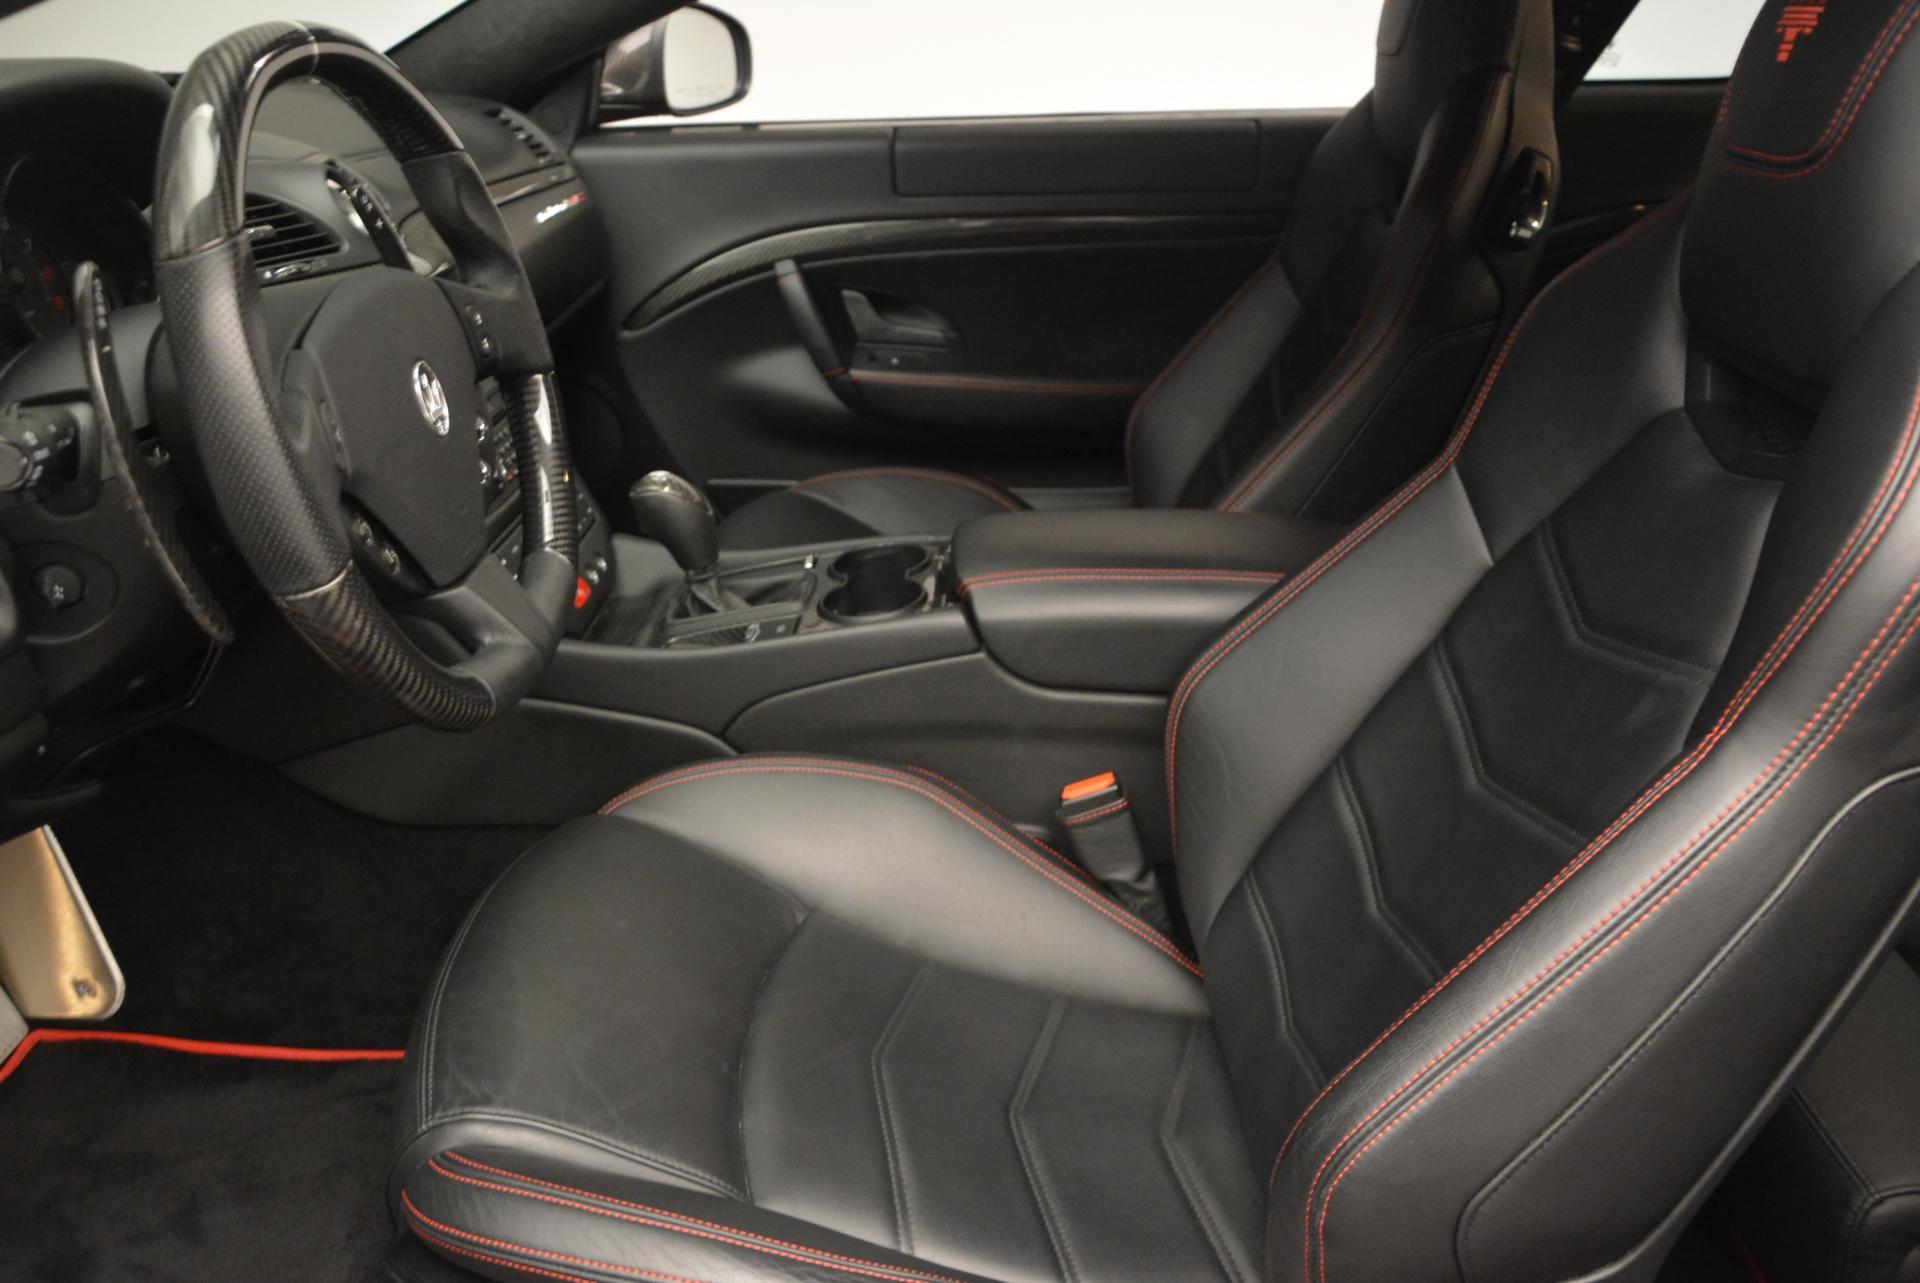 Used 2014 Maserati GranTurismo MC For Sale In Greenwich, CT 525_p17